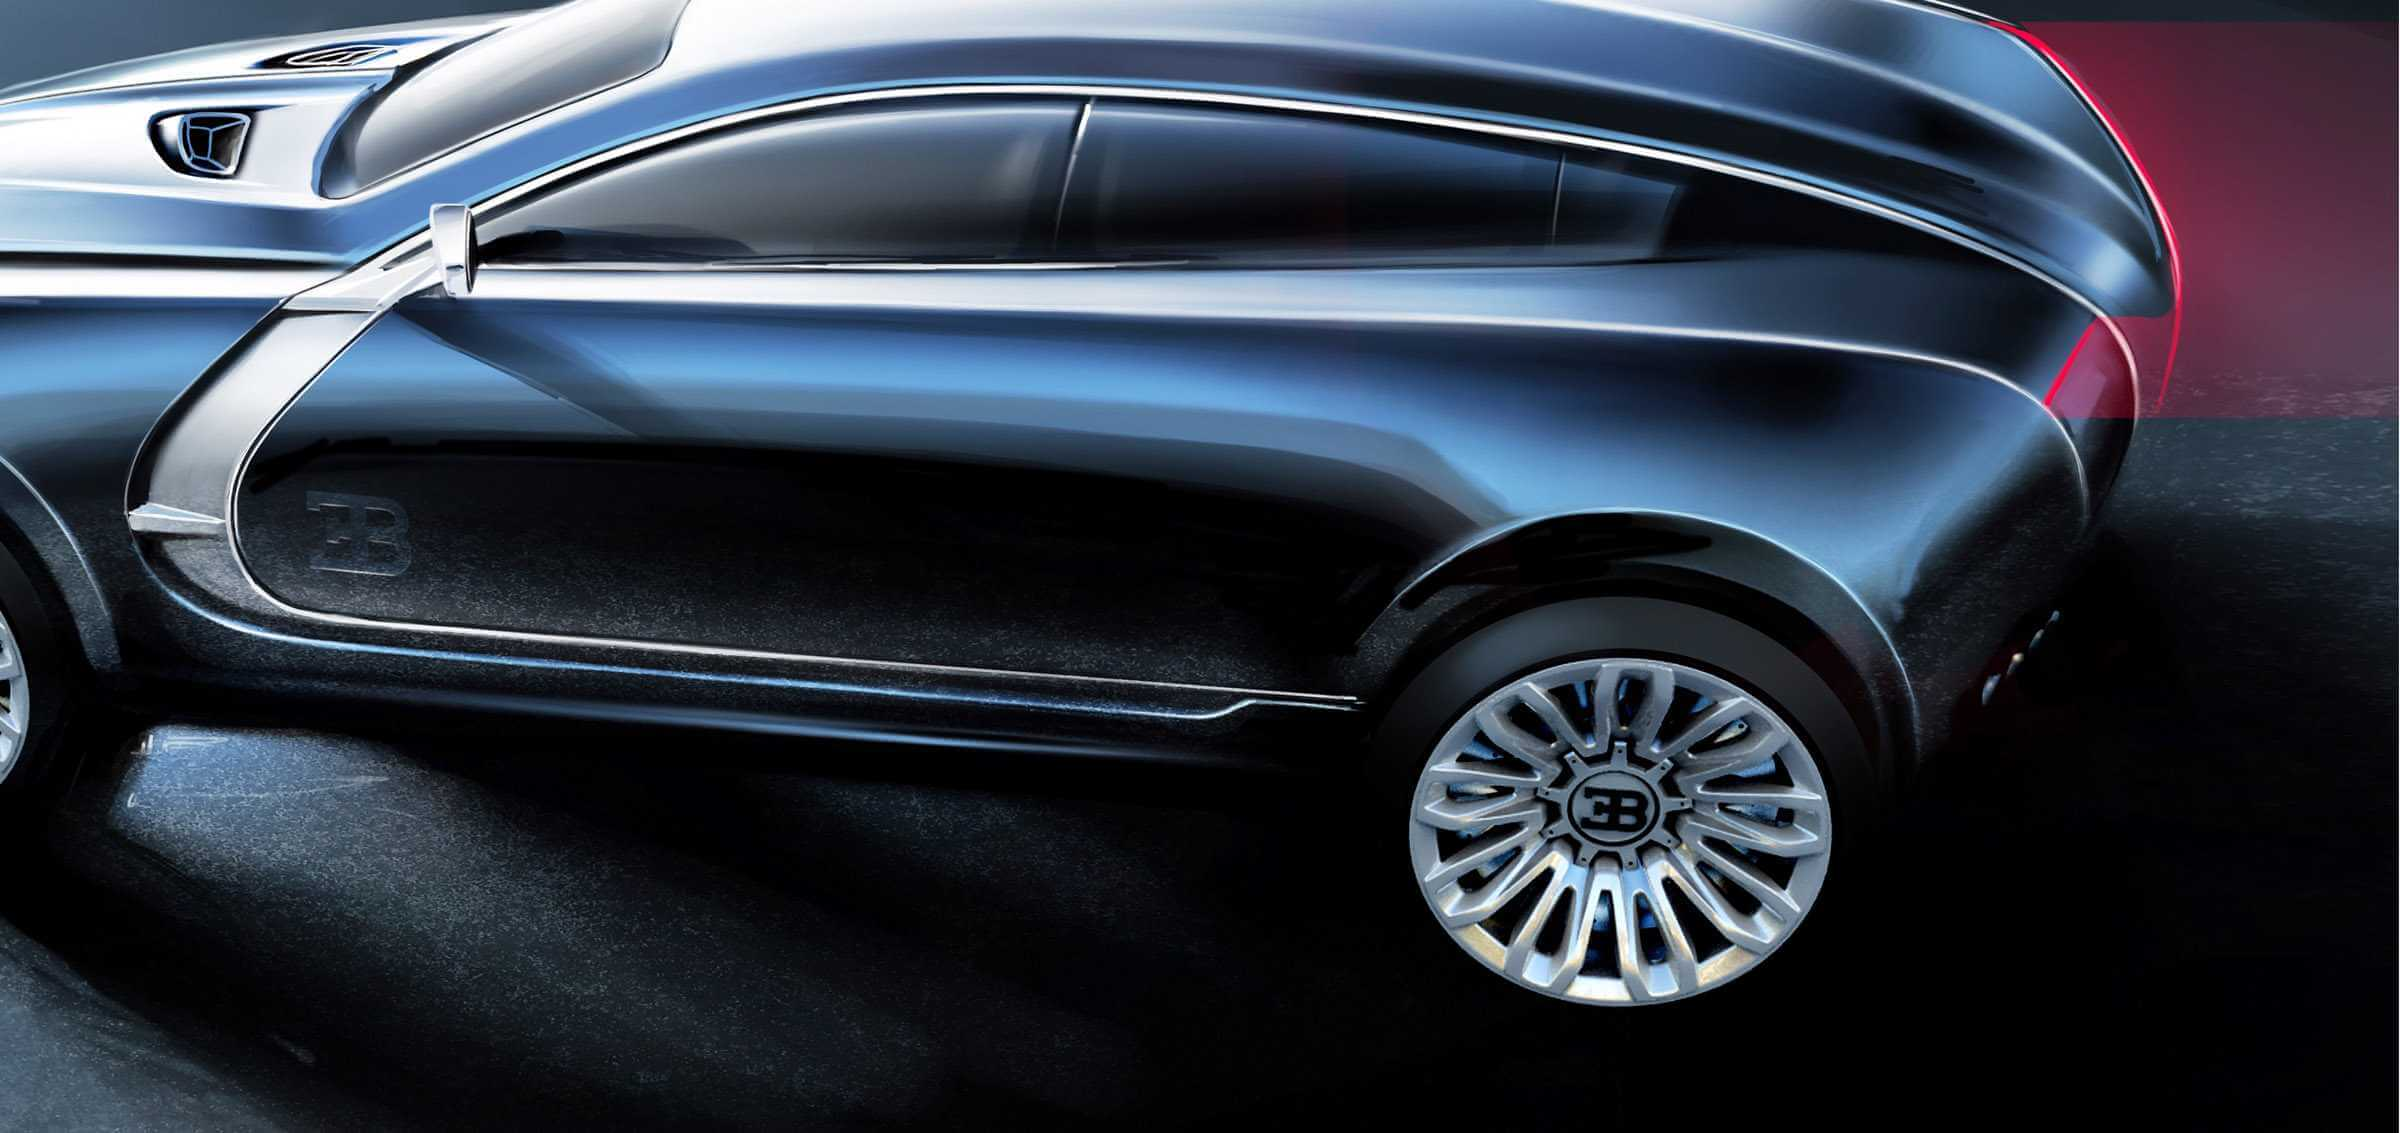 Bugatti SUV Design Concept by Ondrej Jirec